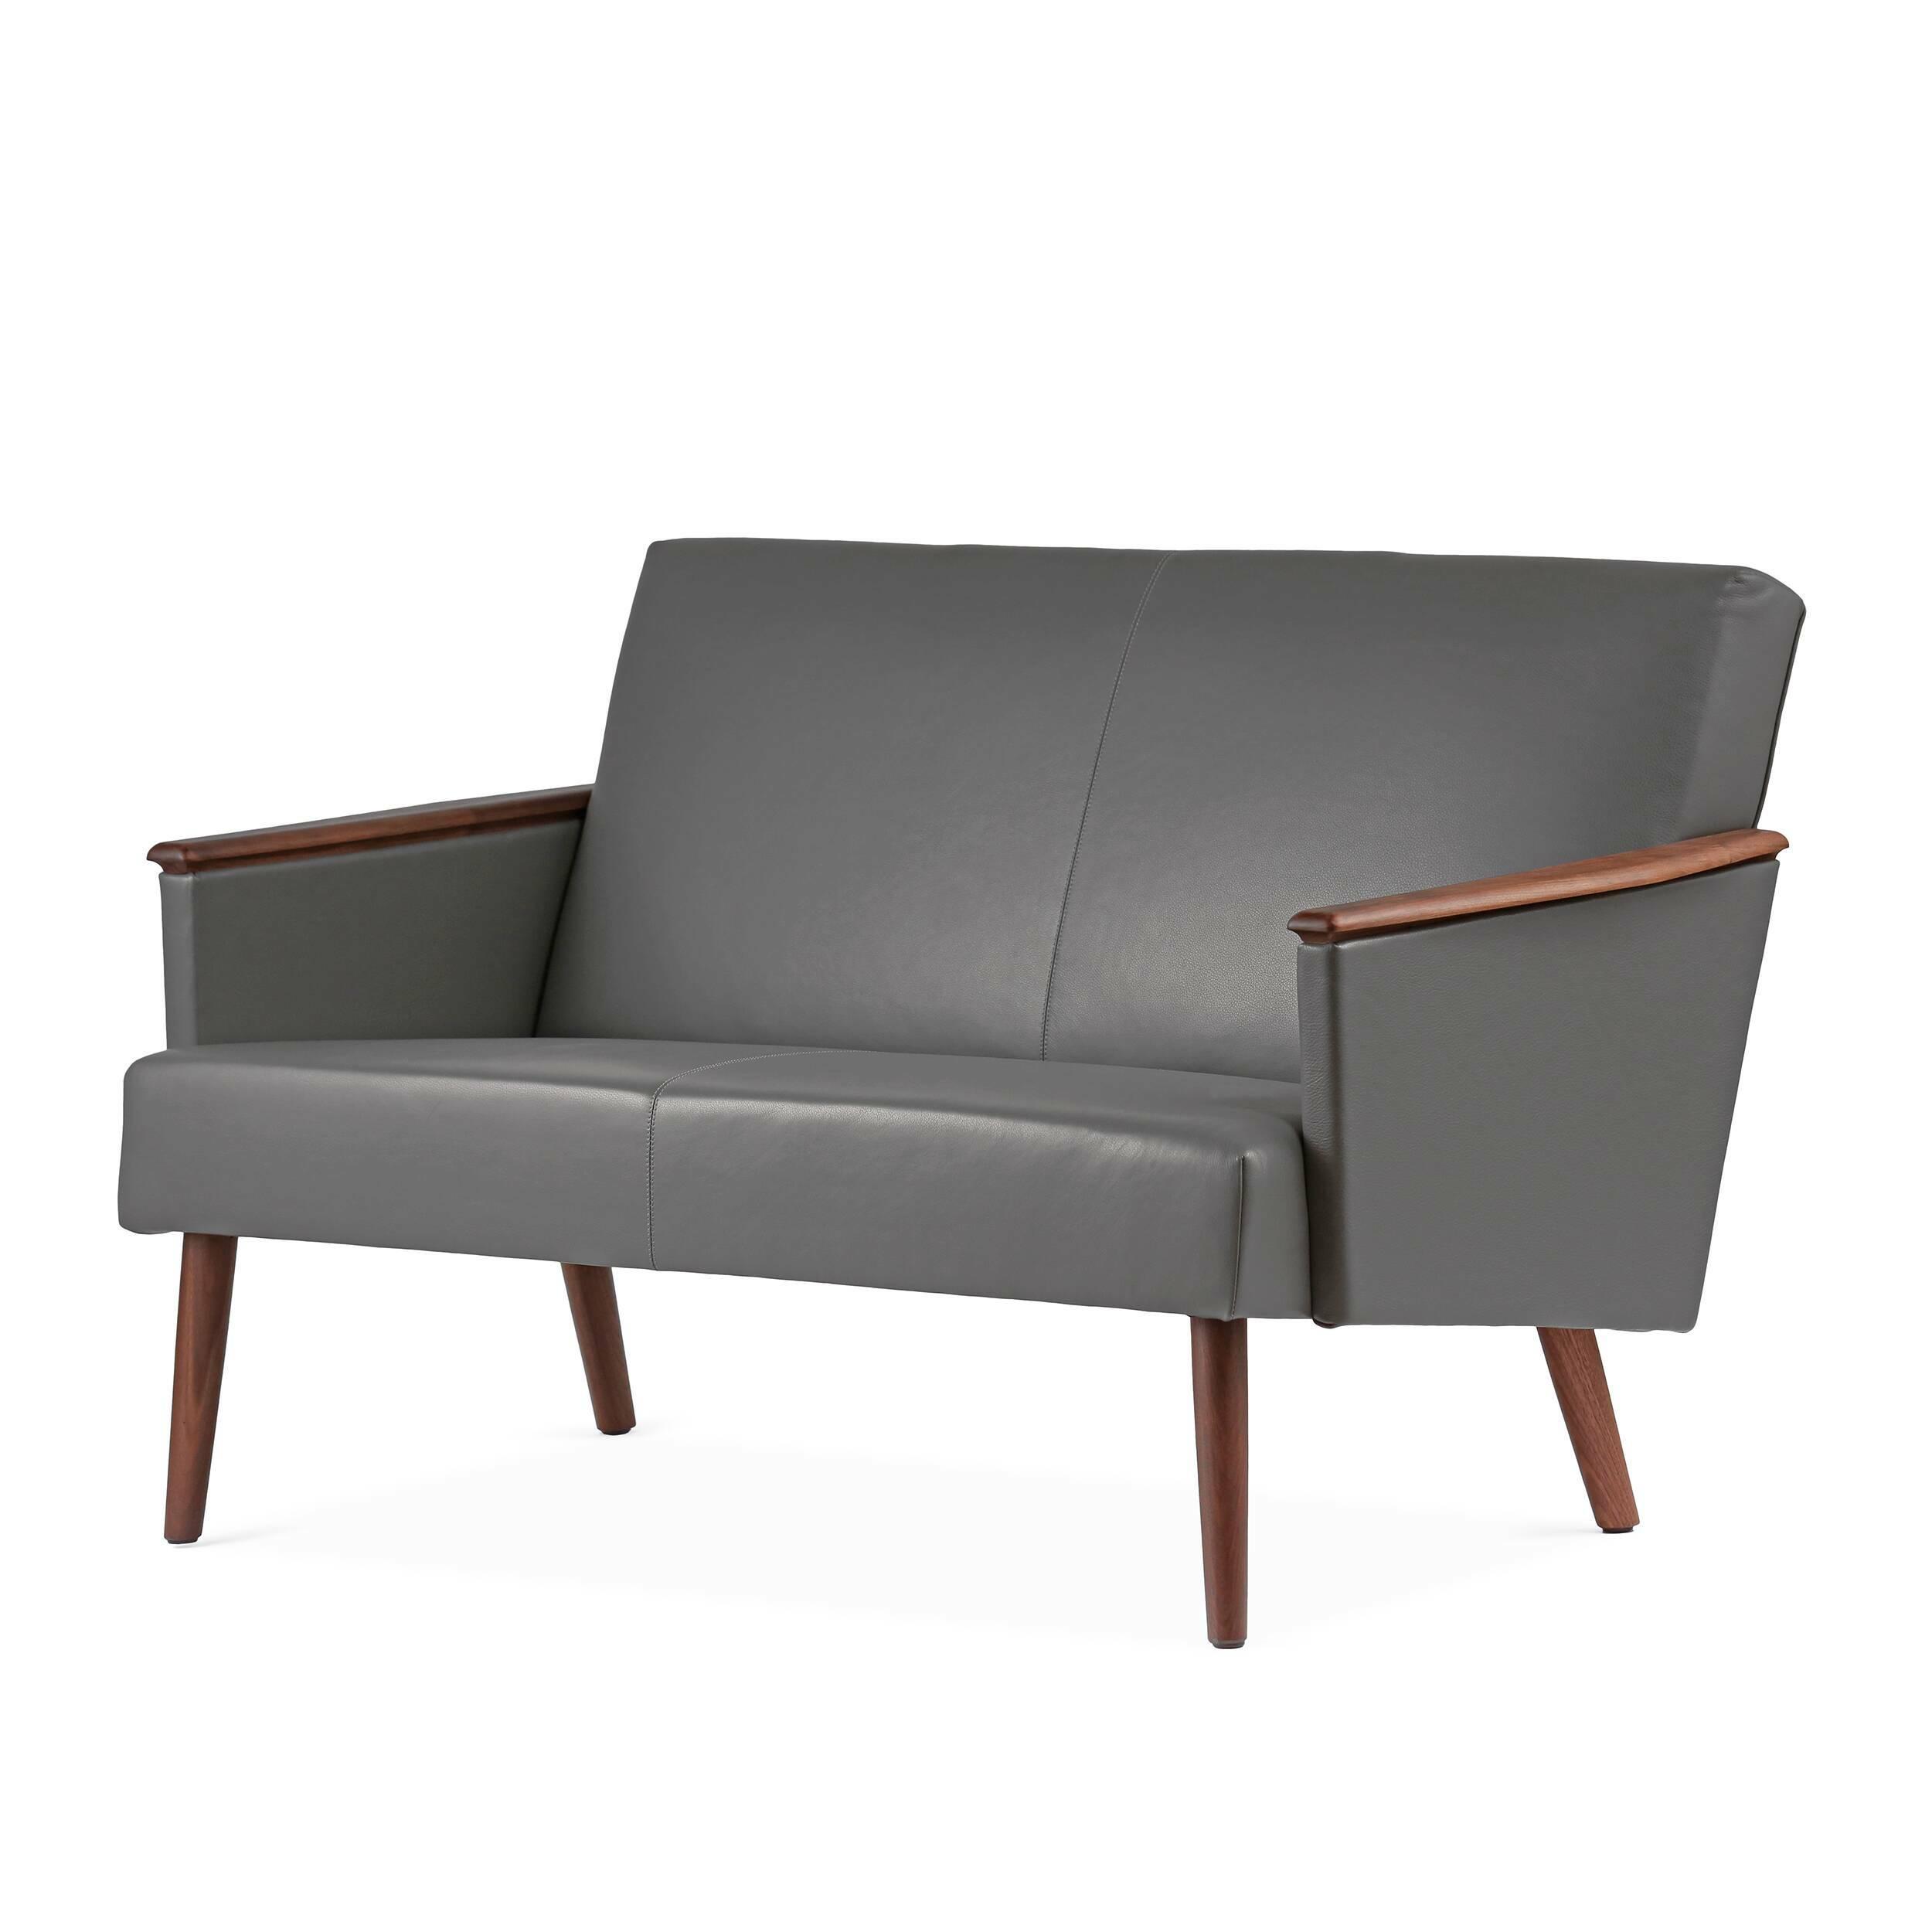 Диван Harry двухместныйДвухместные<br>Дизайнерский двухместный диван Harry (Гарри) с дубовым каркасом и длинными деревянными ножками от Cosmo (Космо)<br><br><br> Выбор дивана по-настоящему определяет будущую атмосферу и стиль помещения. Важно учесть множество факторов: размер, материал обивки и каркаса, дизайн интерьера, в который он въедет, его назначение. Будет диван стоять в деловом офисе или уютной гостиной? Все это необходимо иметь в виду при выборе такого важного предмета мебели.<br><br><br> Оригинальный диван Harry двухместный пора...<br><br>stock: 0<br>Высота: 77,5<br>Глубина: 79,5<br>Длина: 128<br>Материал каркаса: Массив ореха<br>Тип материала каркаса: Дерево<br>Коллекция ткани: Harry Leather<br>Тип материала обивки: Кожа<br>Цвет обивки: Темно-серый<br>Цвет каркаса: Орех